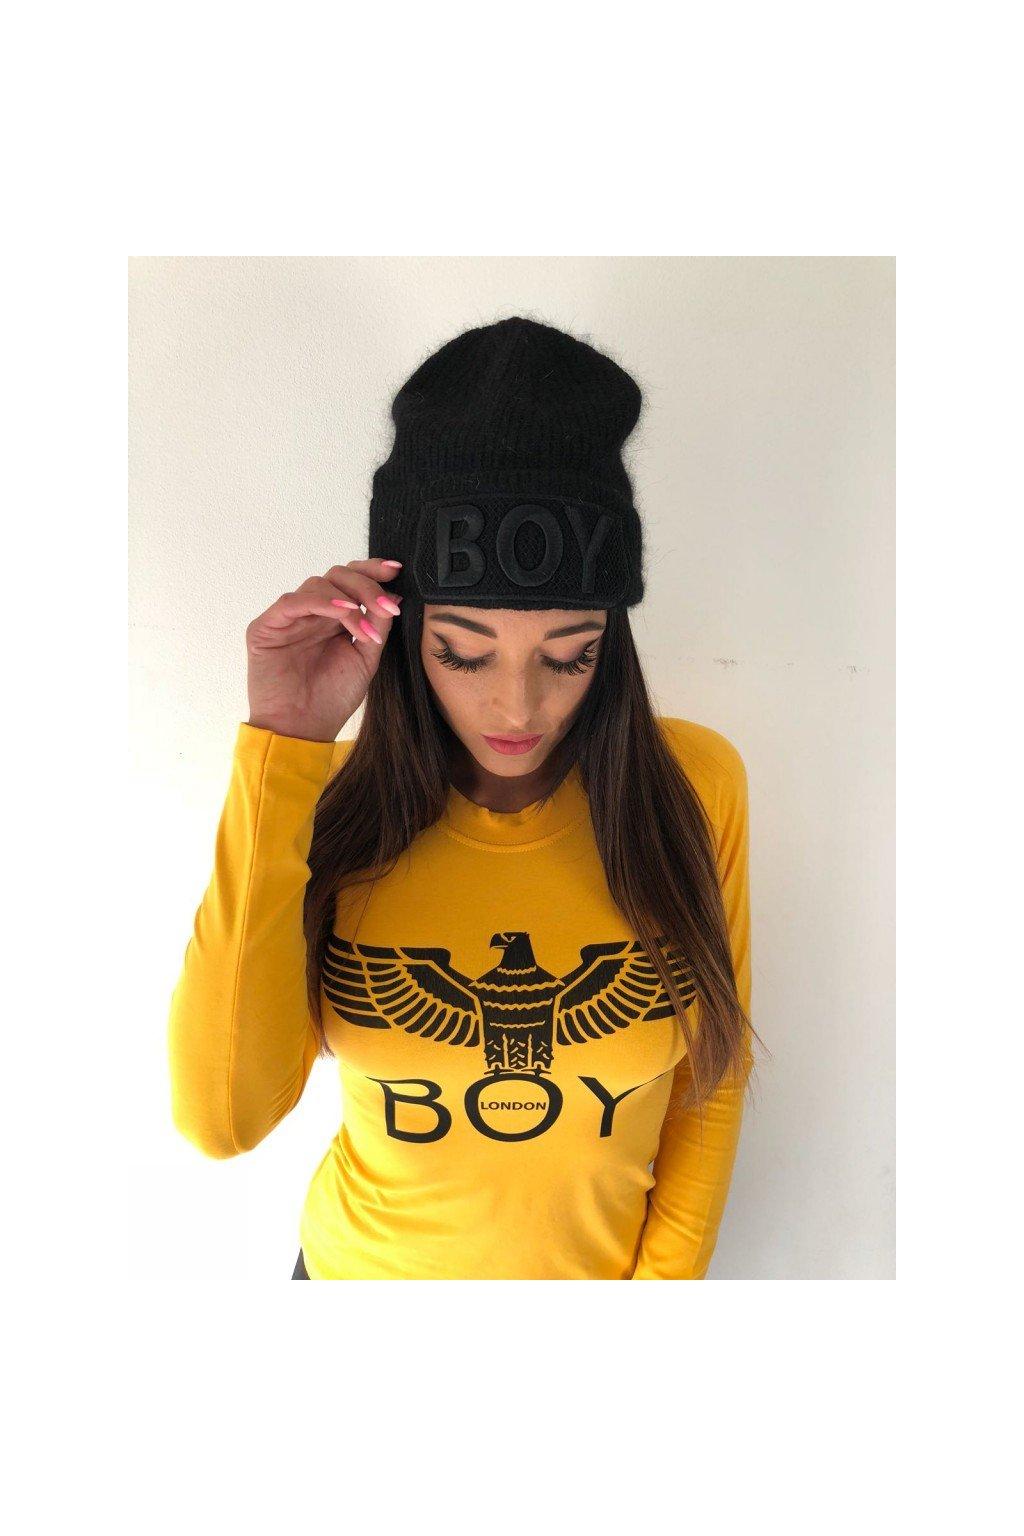 Tričko Boy London s dlouhým rukávem a znakem - žluté (Velikost Velikost S)